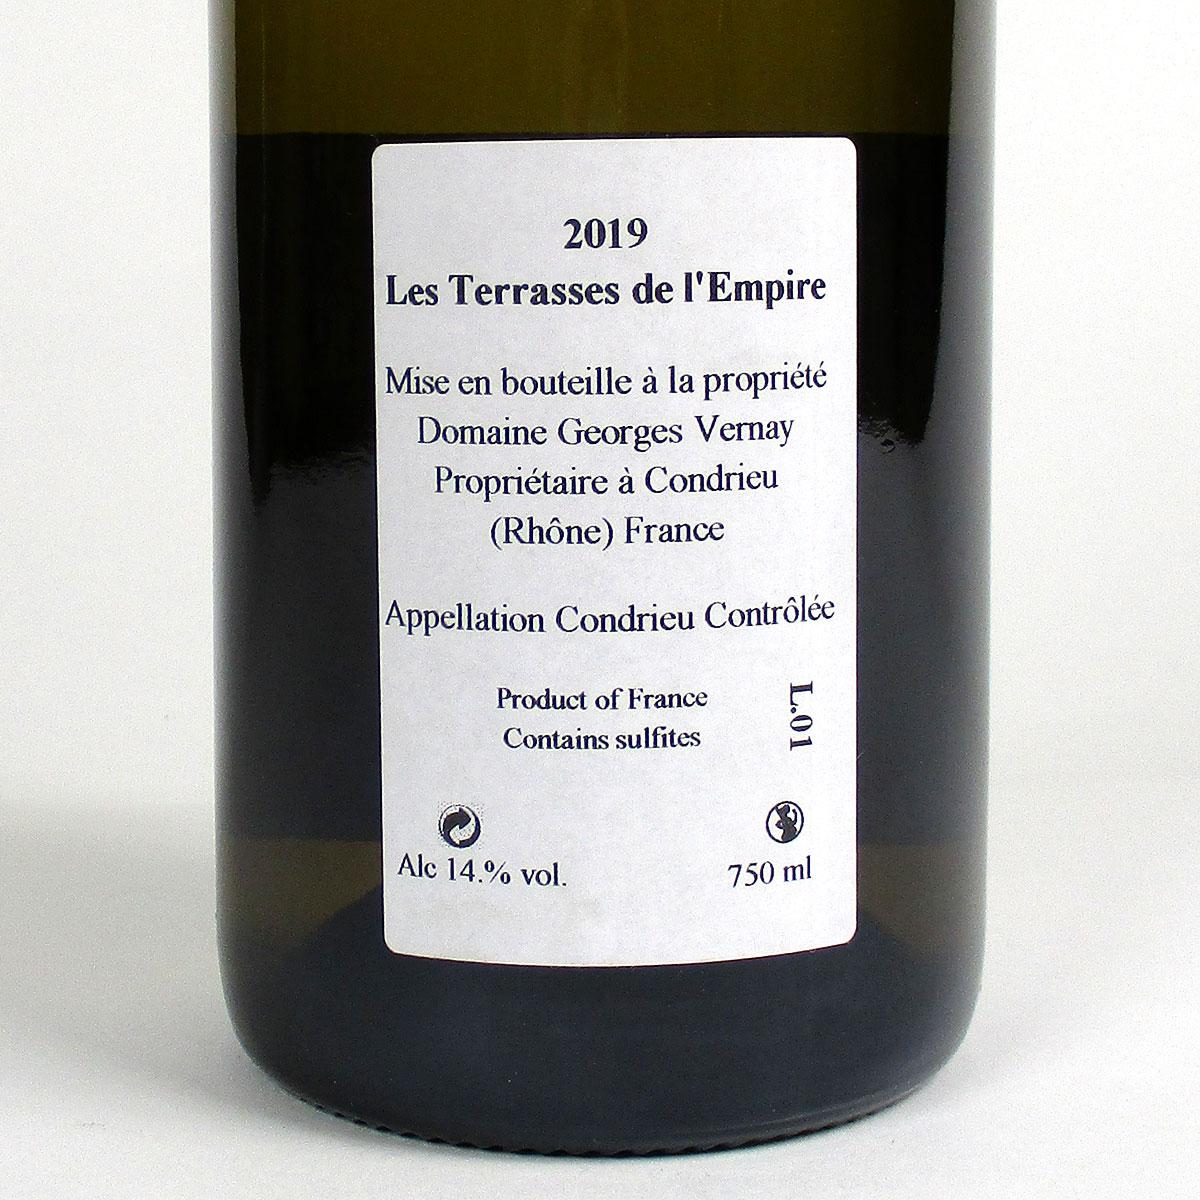 Condrieu: Domaine Georges Vernay 'Les Terrasses de l'Empire' 2019 - Bottle Rear Label